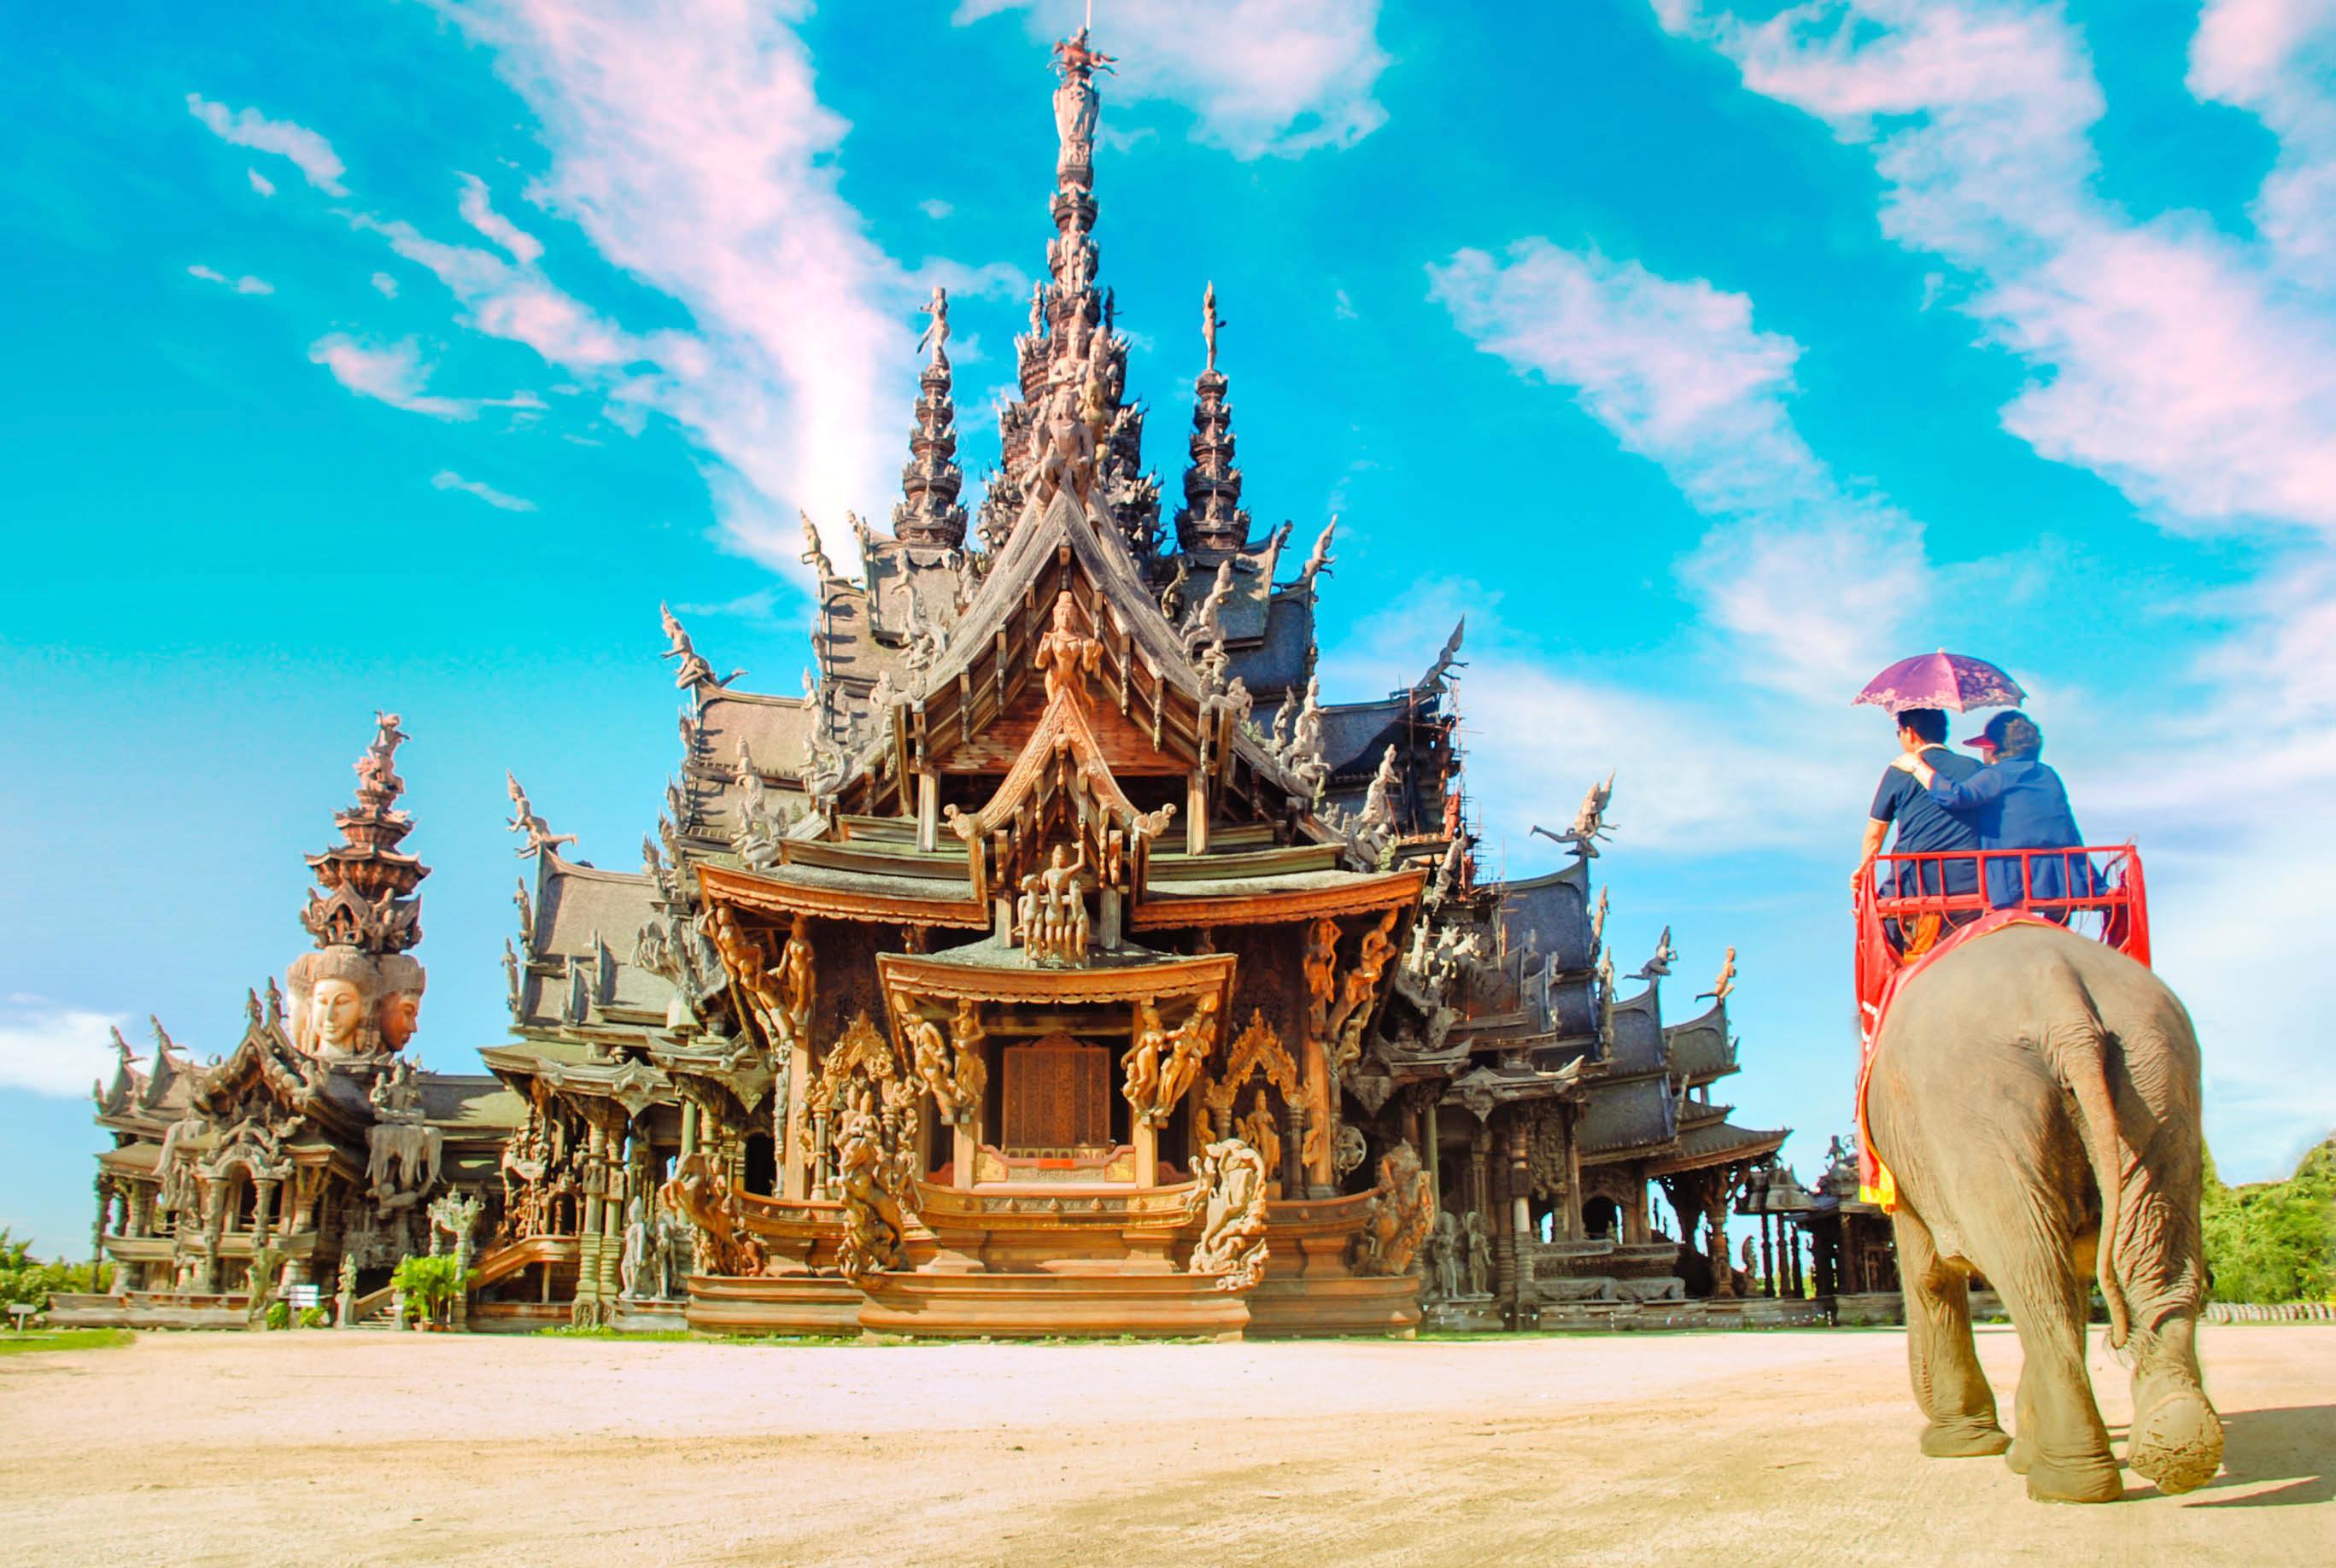 ทัวร์ครึ่งวันปราสาทสัจธรรม พัทยา ประเทศไทย